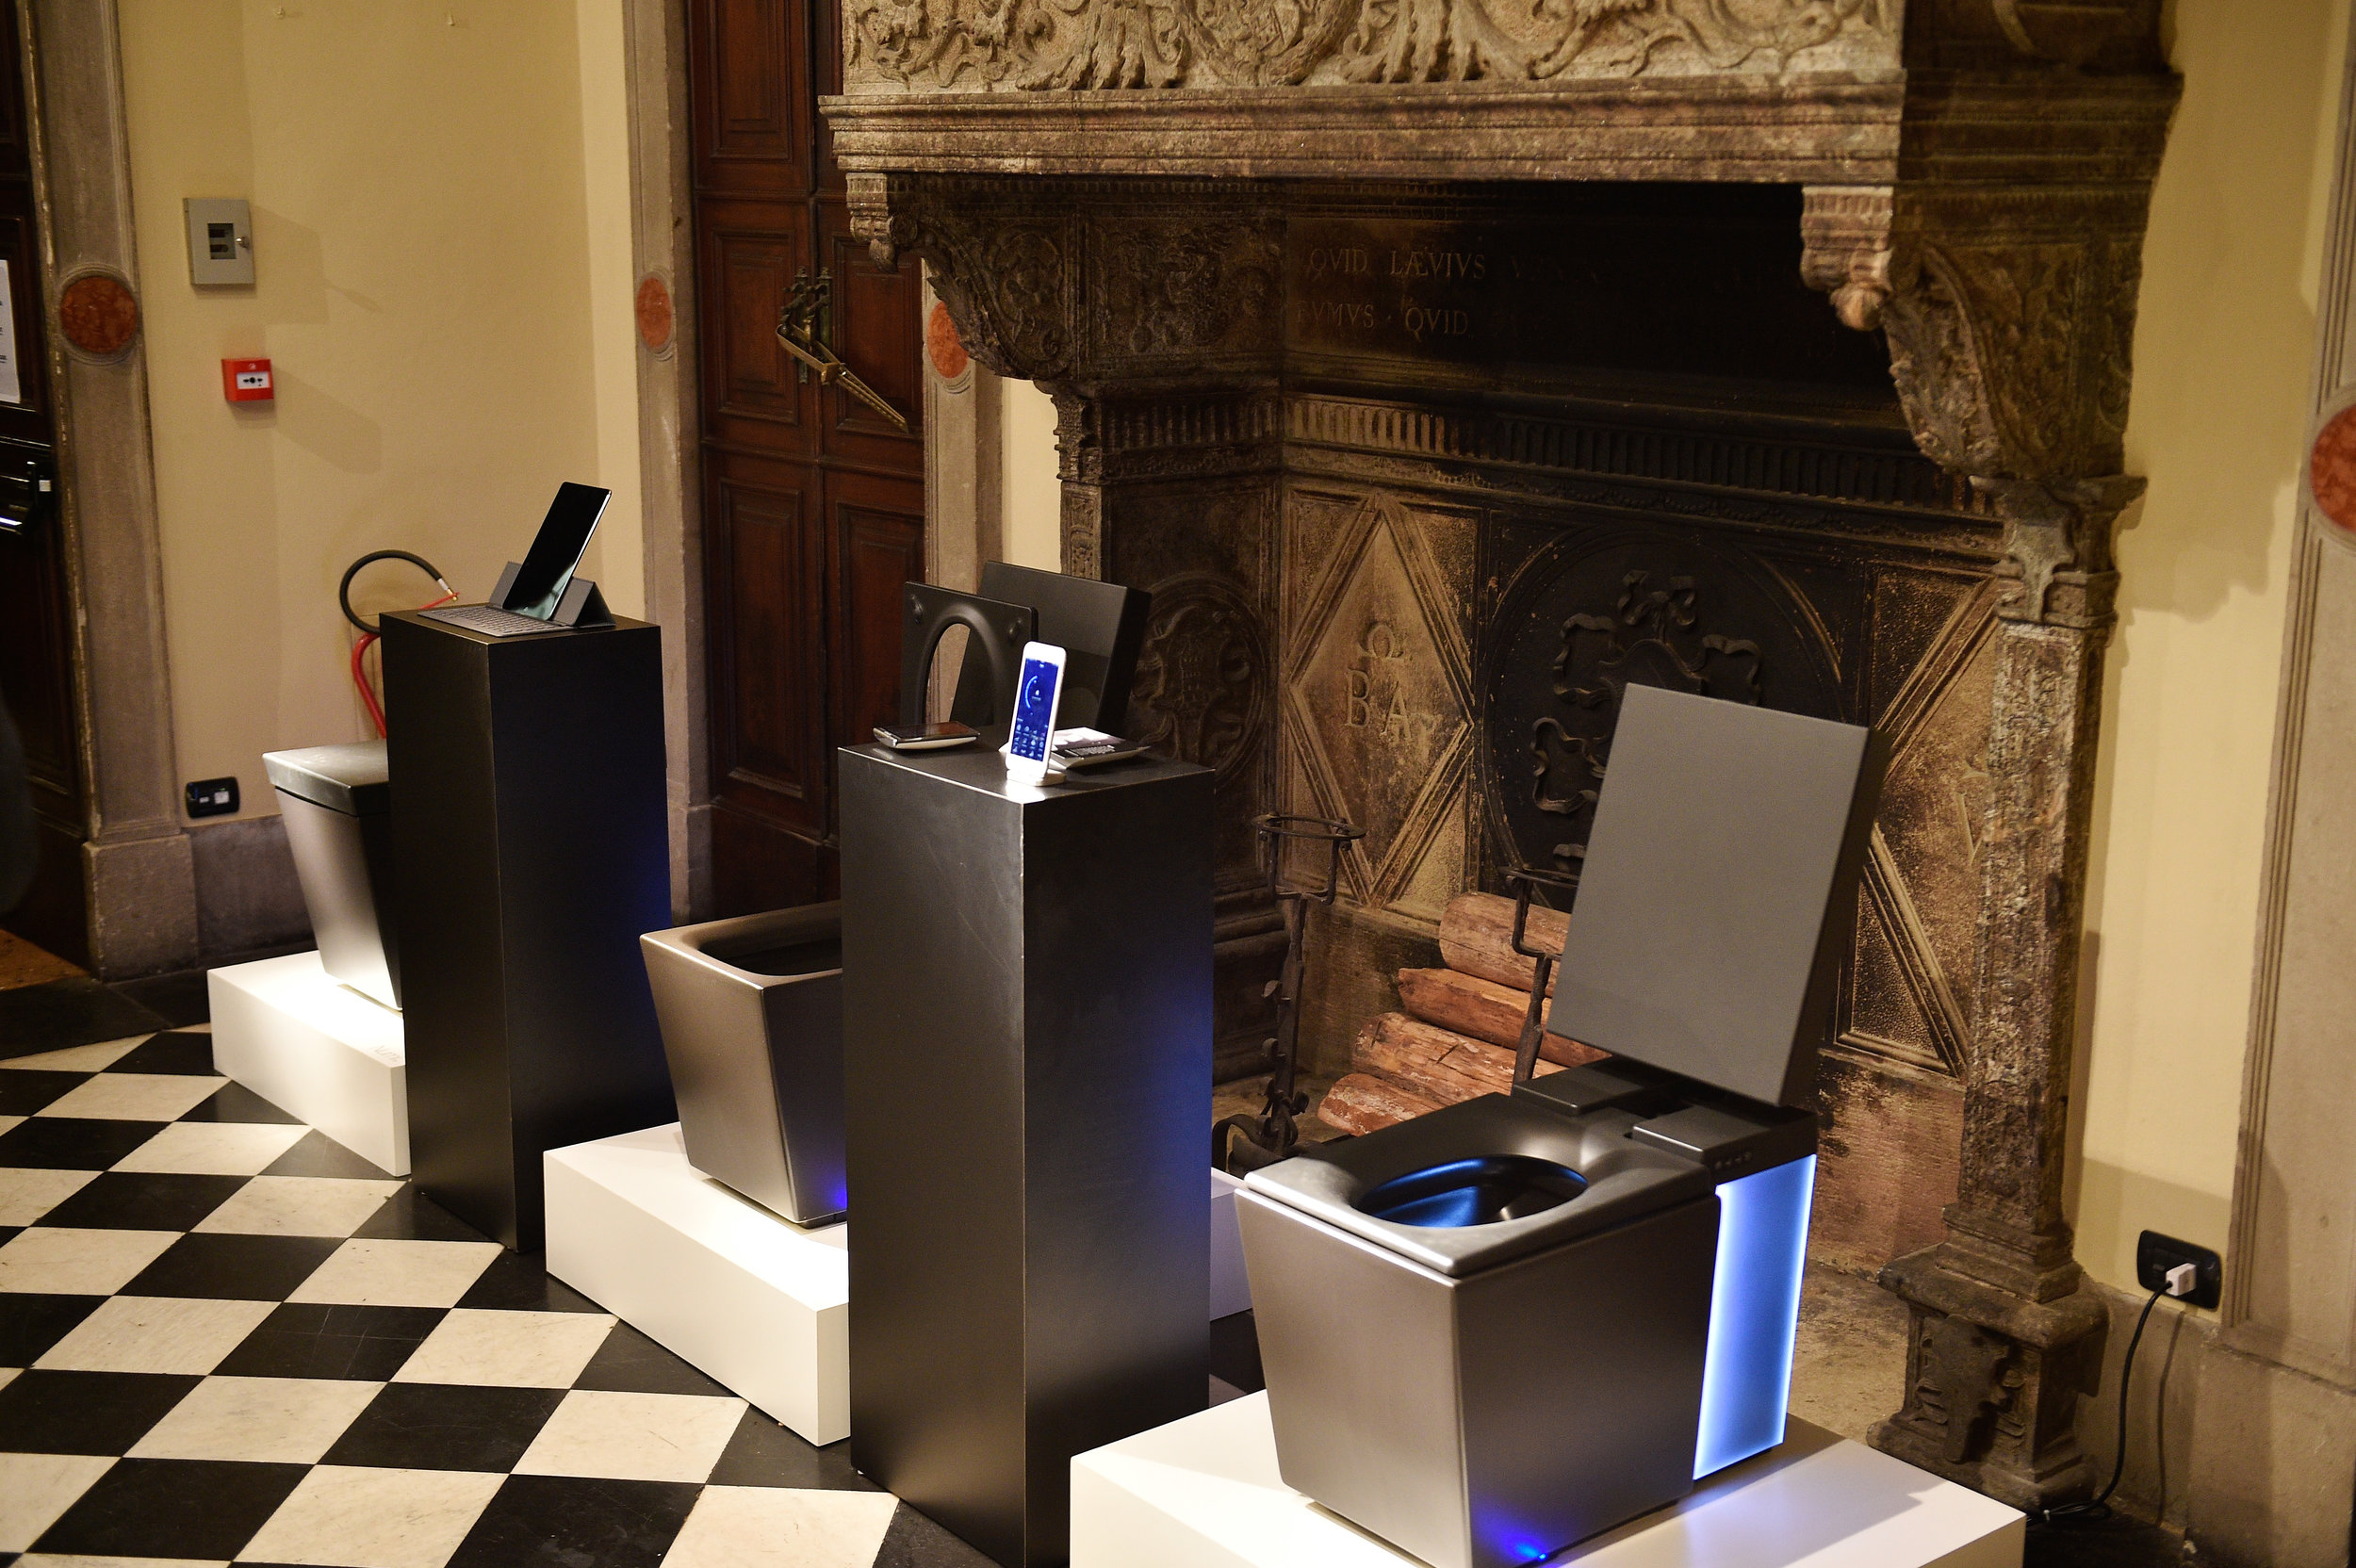 KOHLER Intelligent Toilets